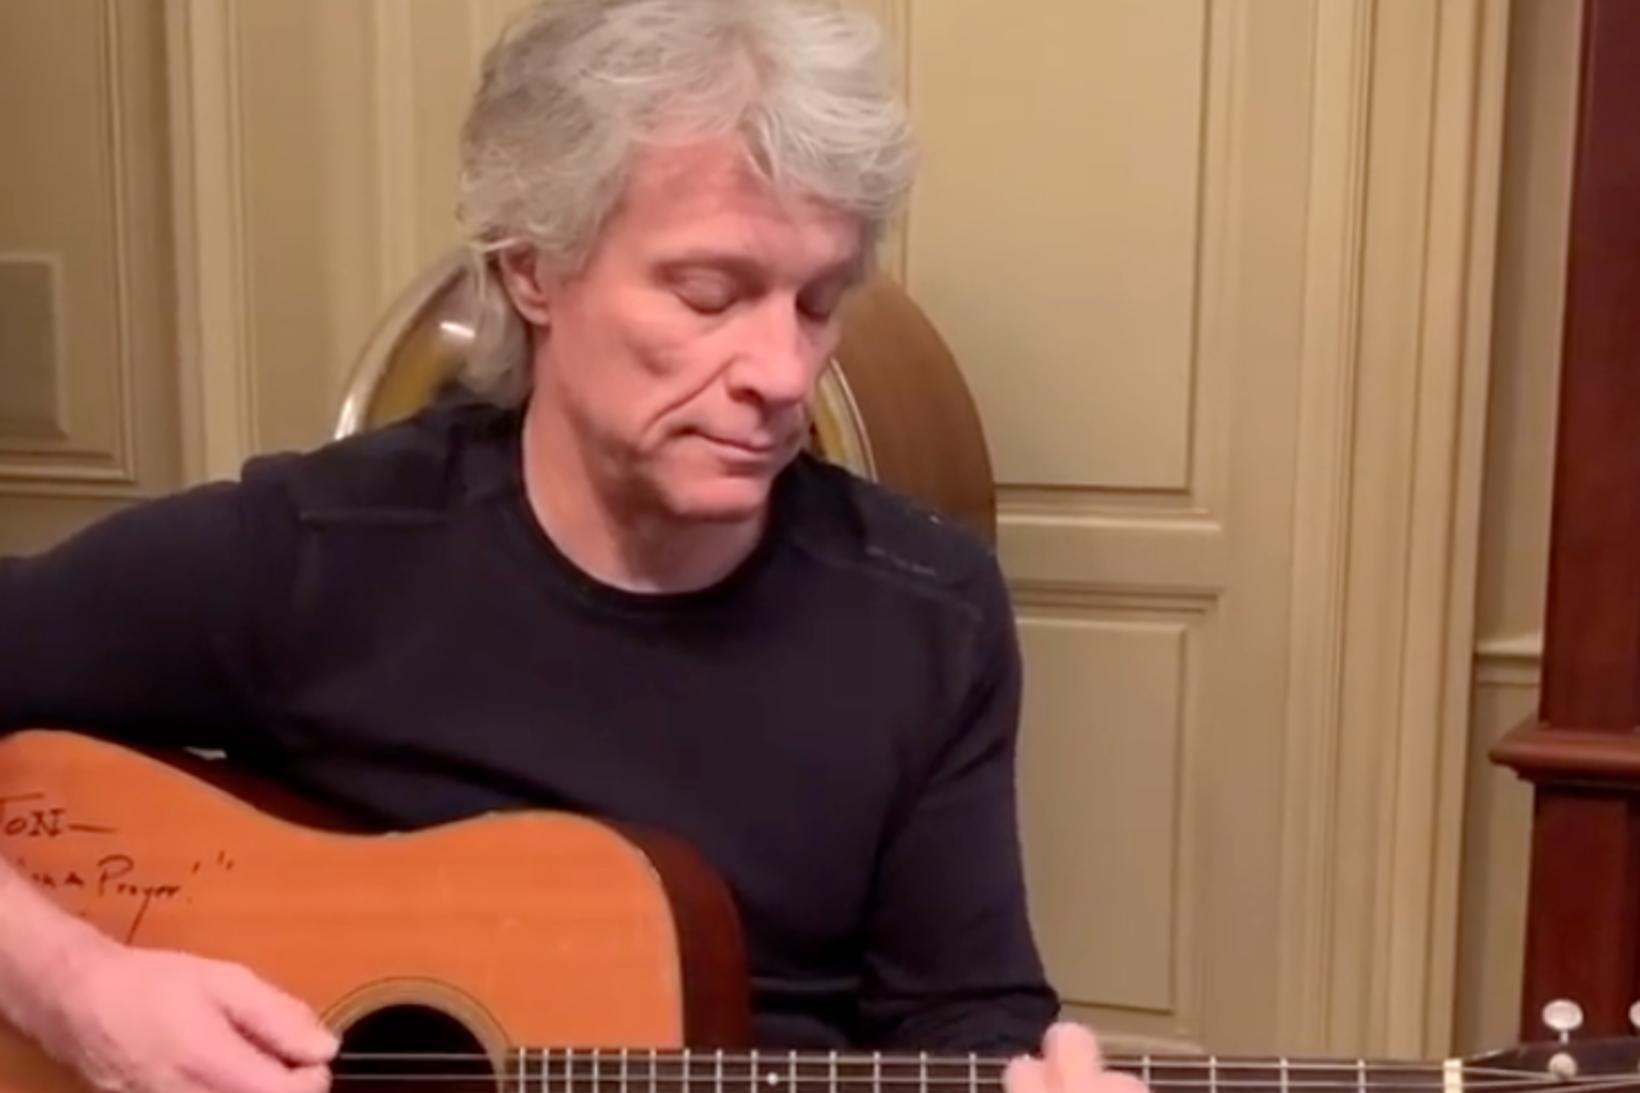 Getur þú samið næsta erindi fyrir Bon Jovi?